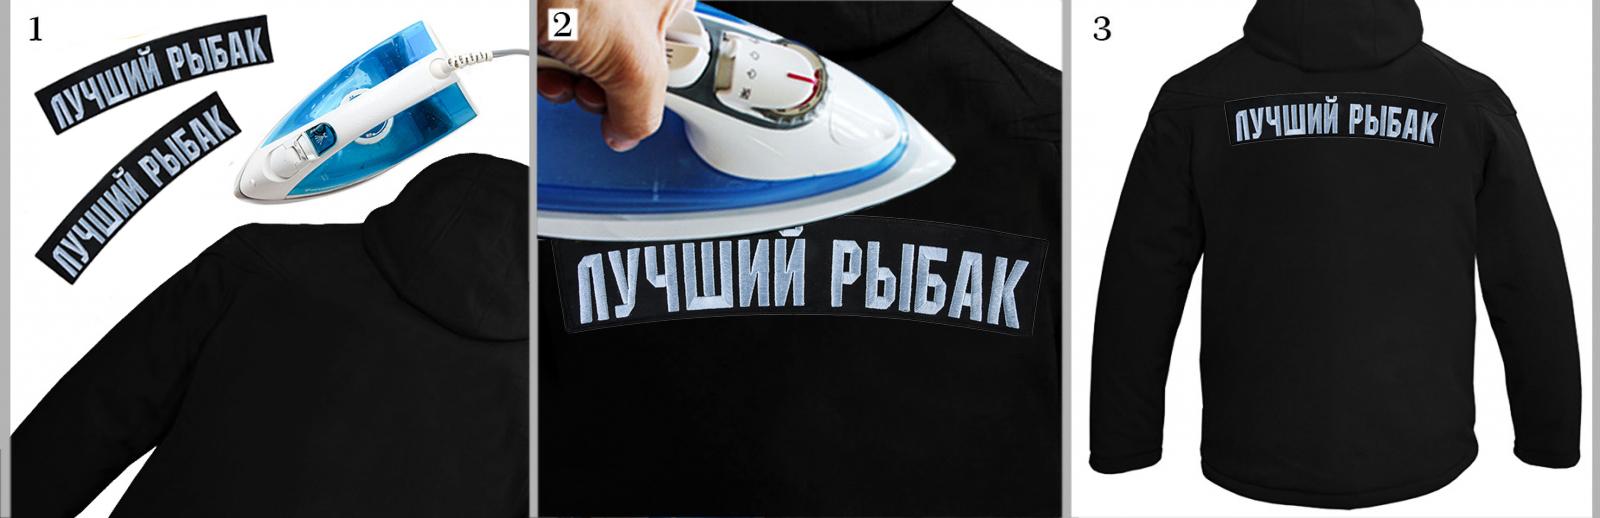 Купить в интернет магазине термоаппликацию ЛУЧШИЙ РЫБАК